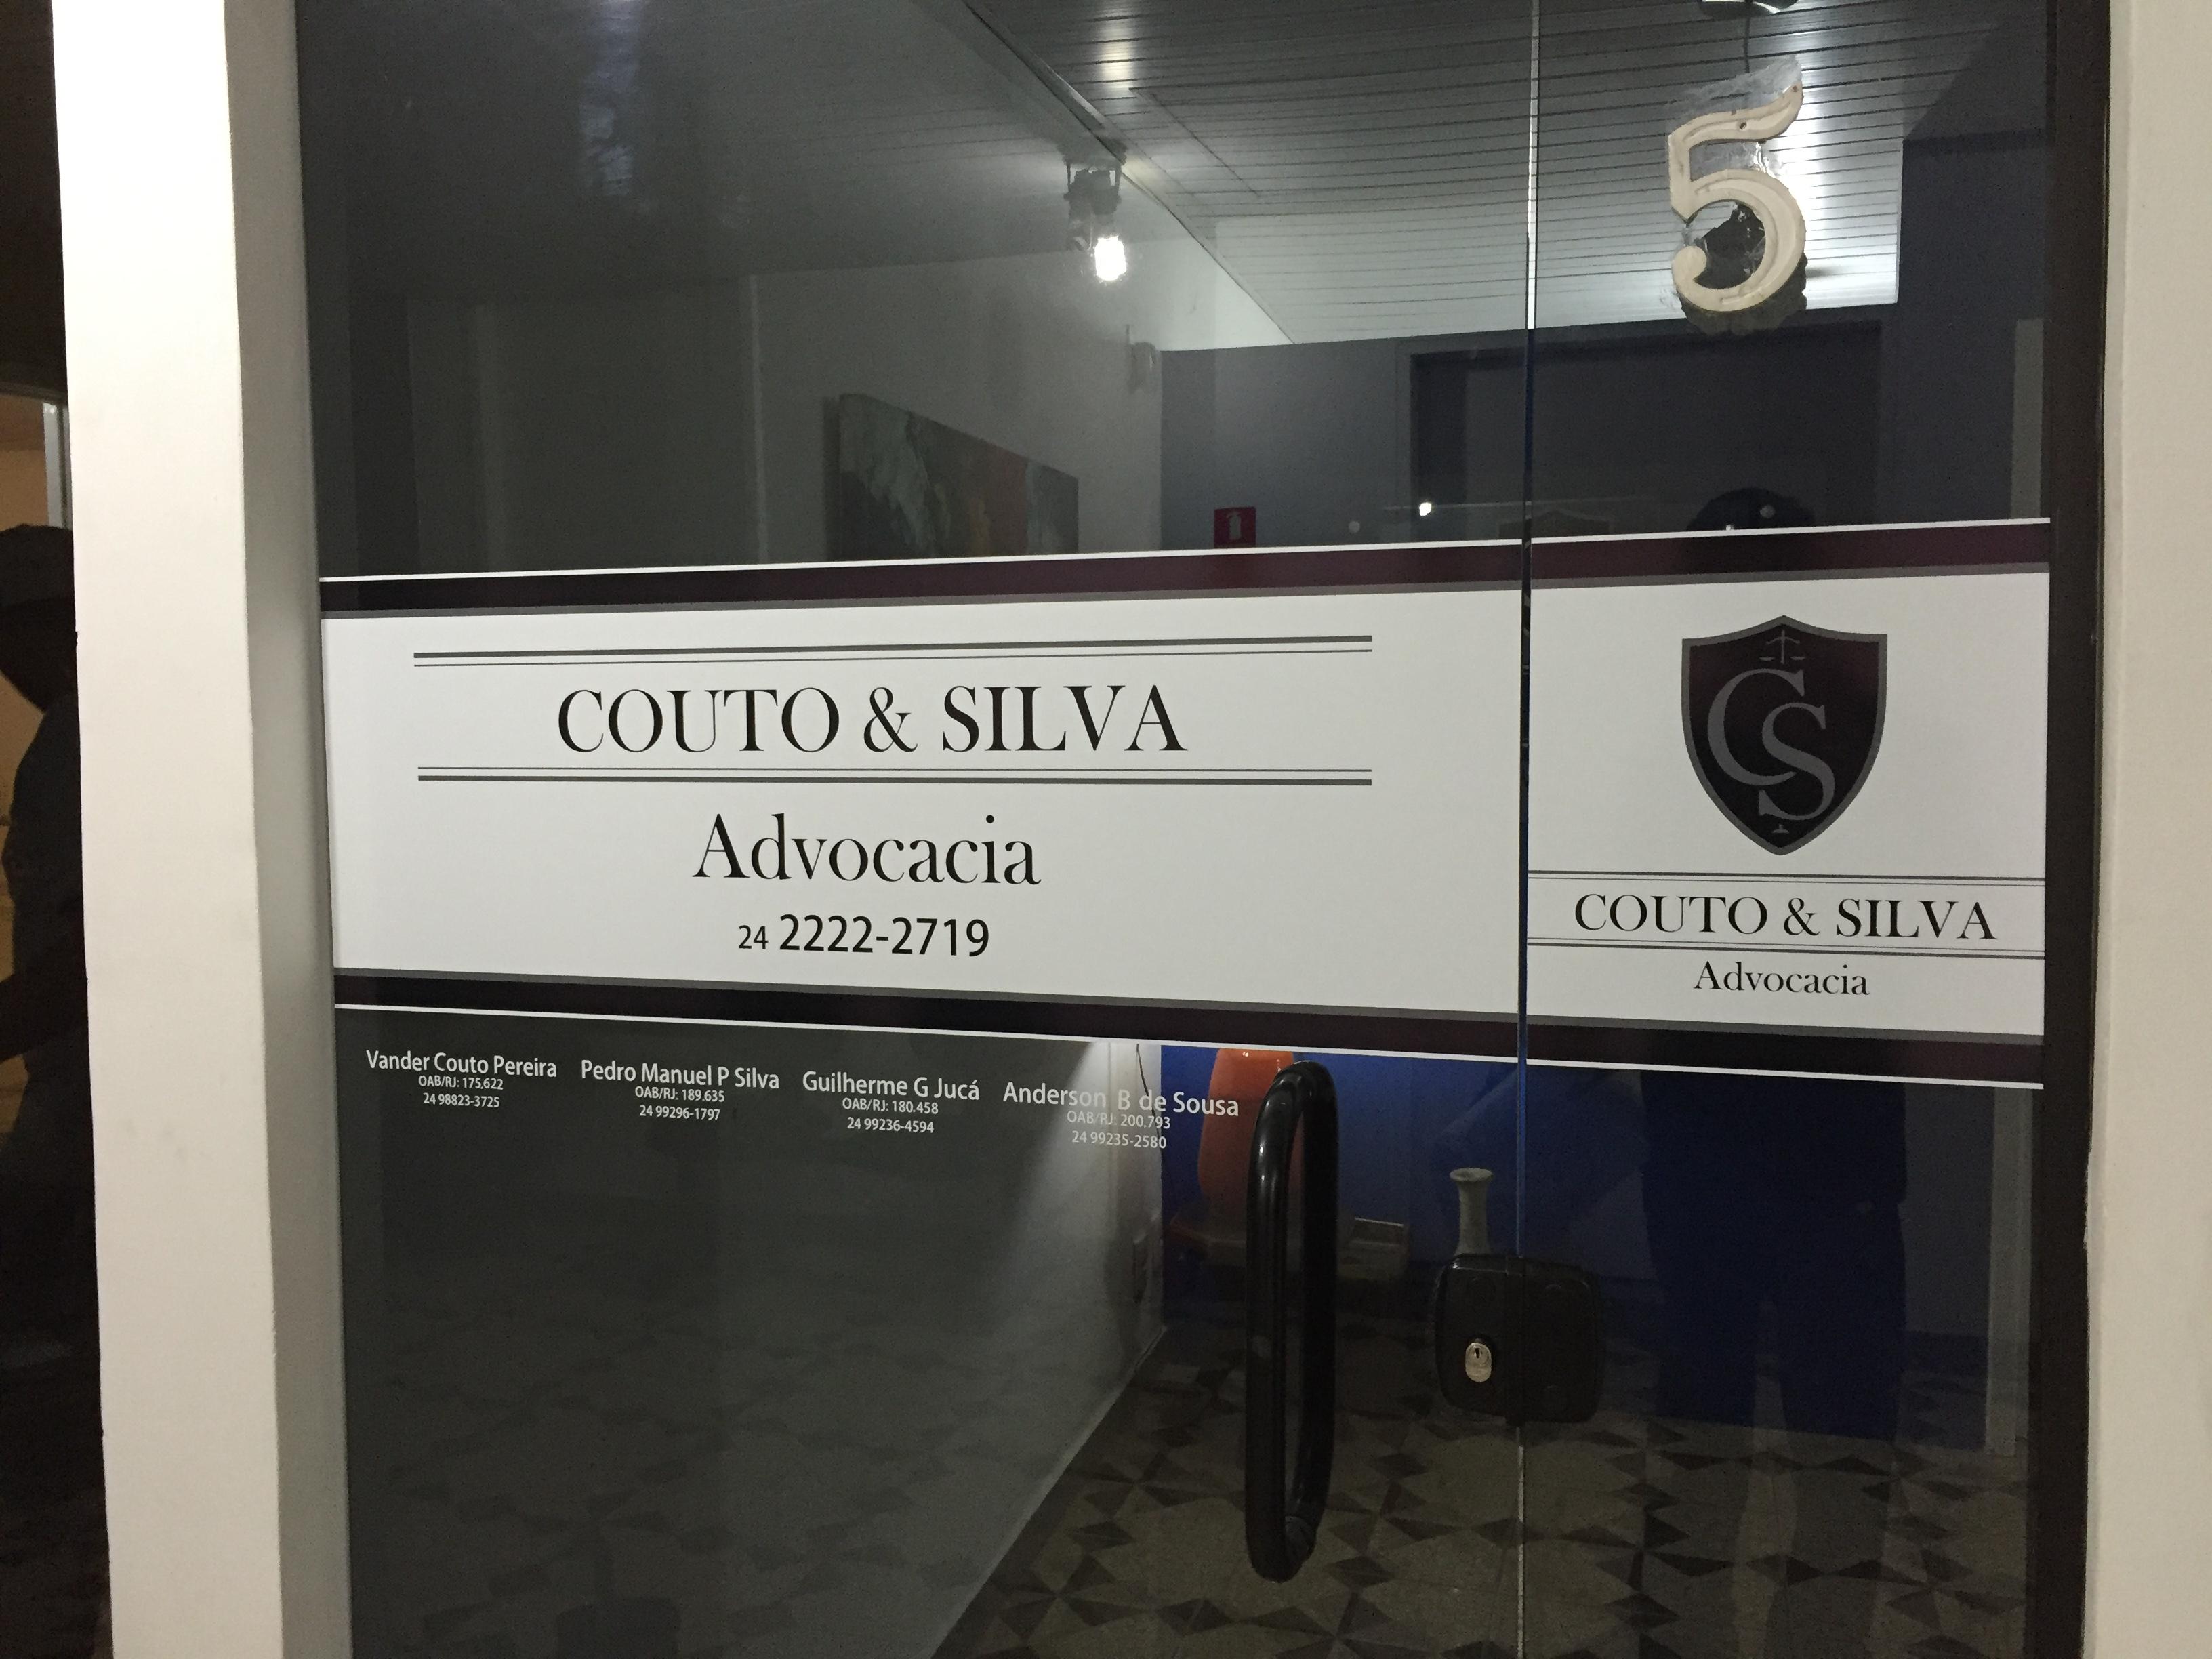 51692 Couto & Silva Advocacia (3)